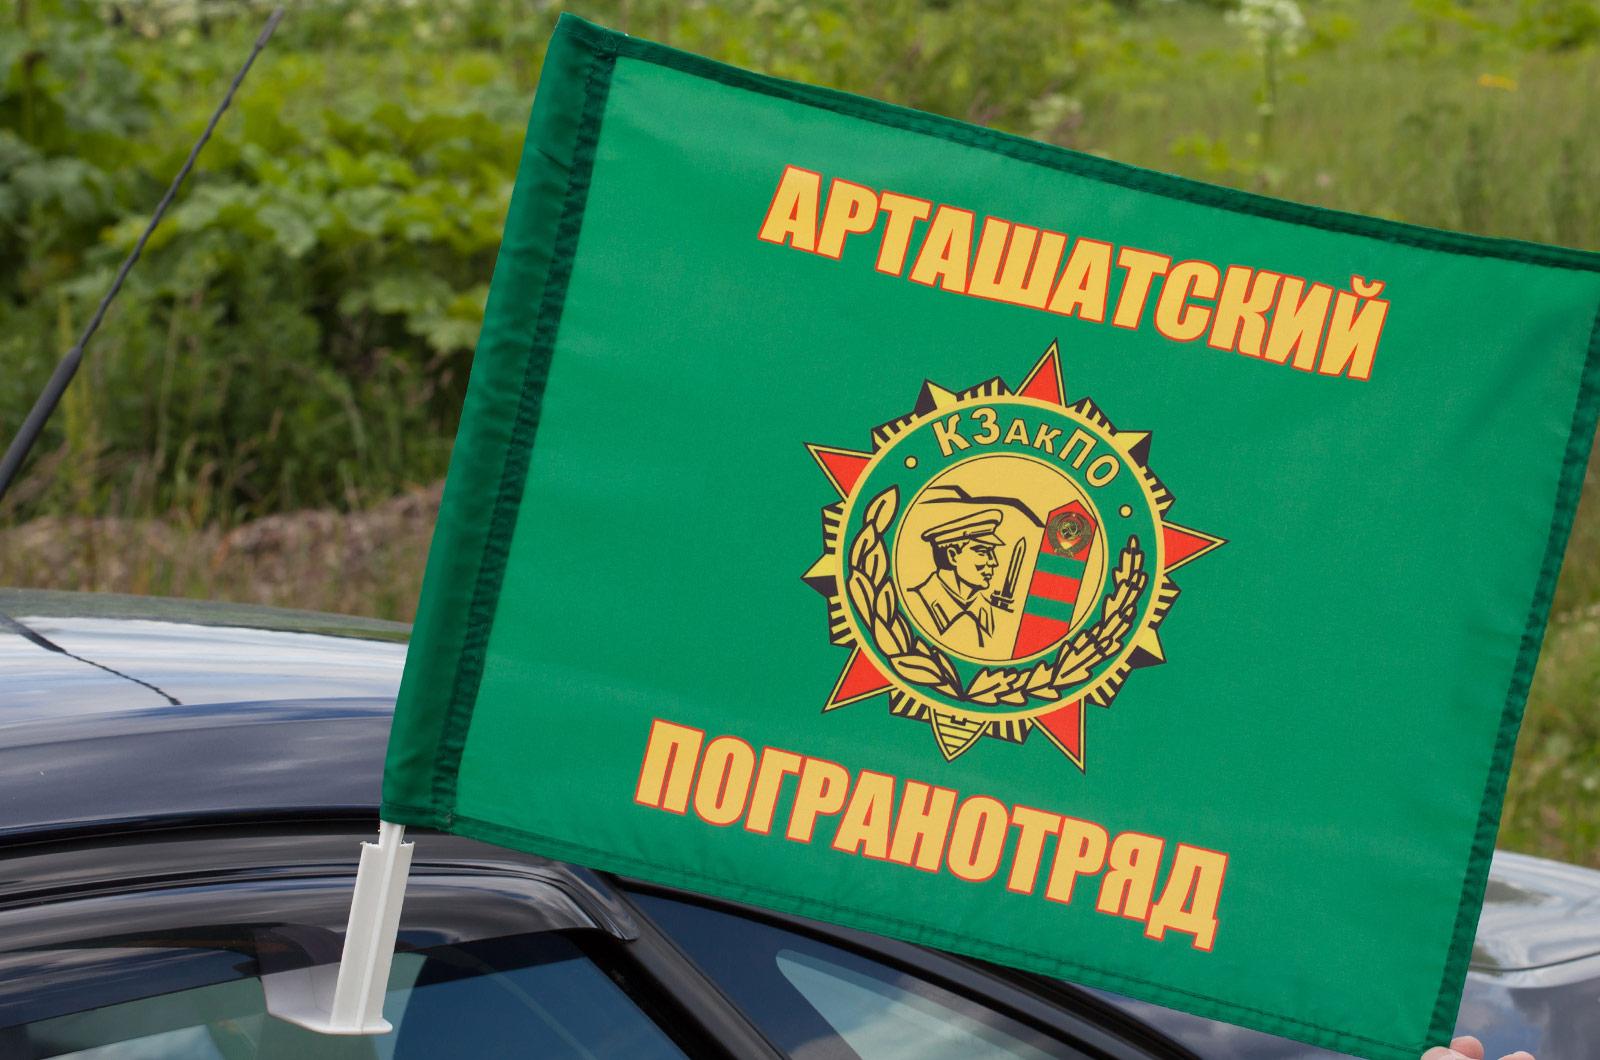 Флаг на машину «Арташатский ПогО»